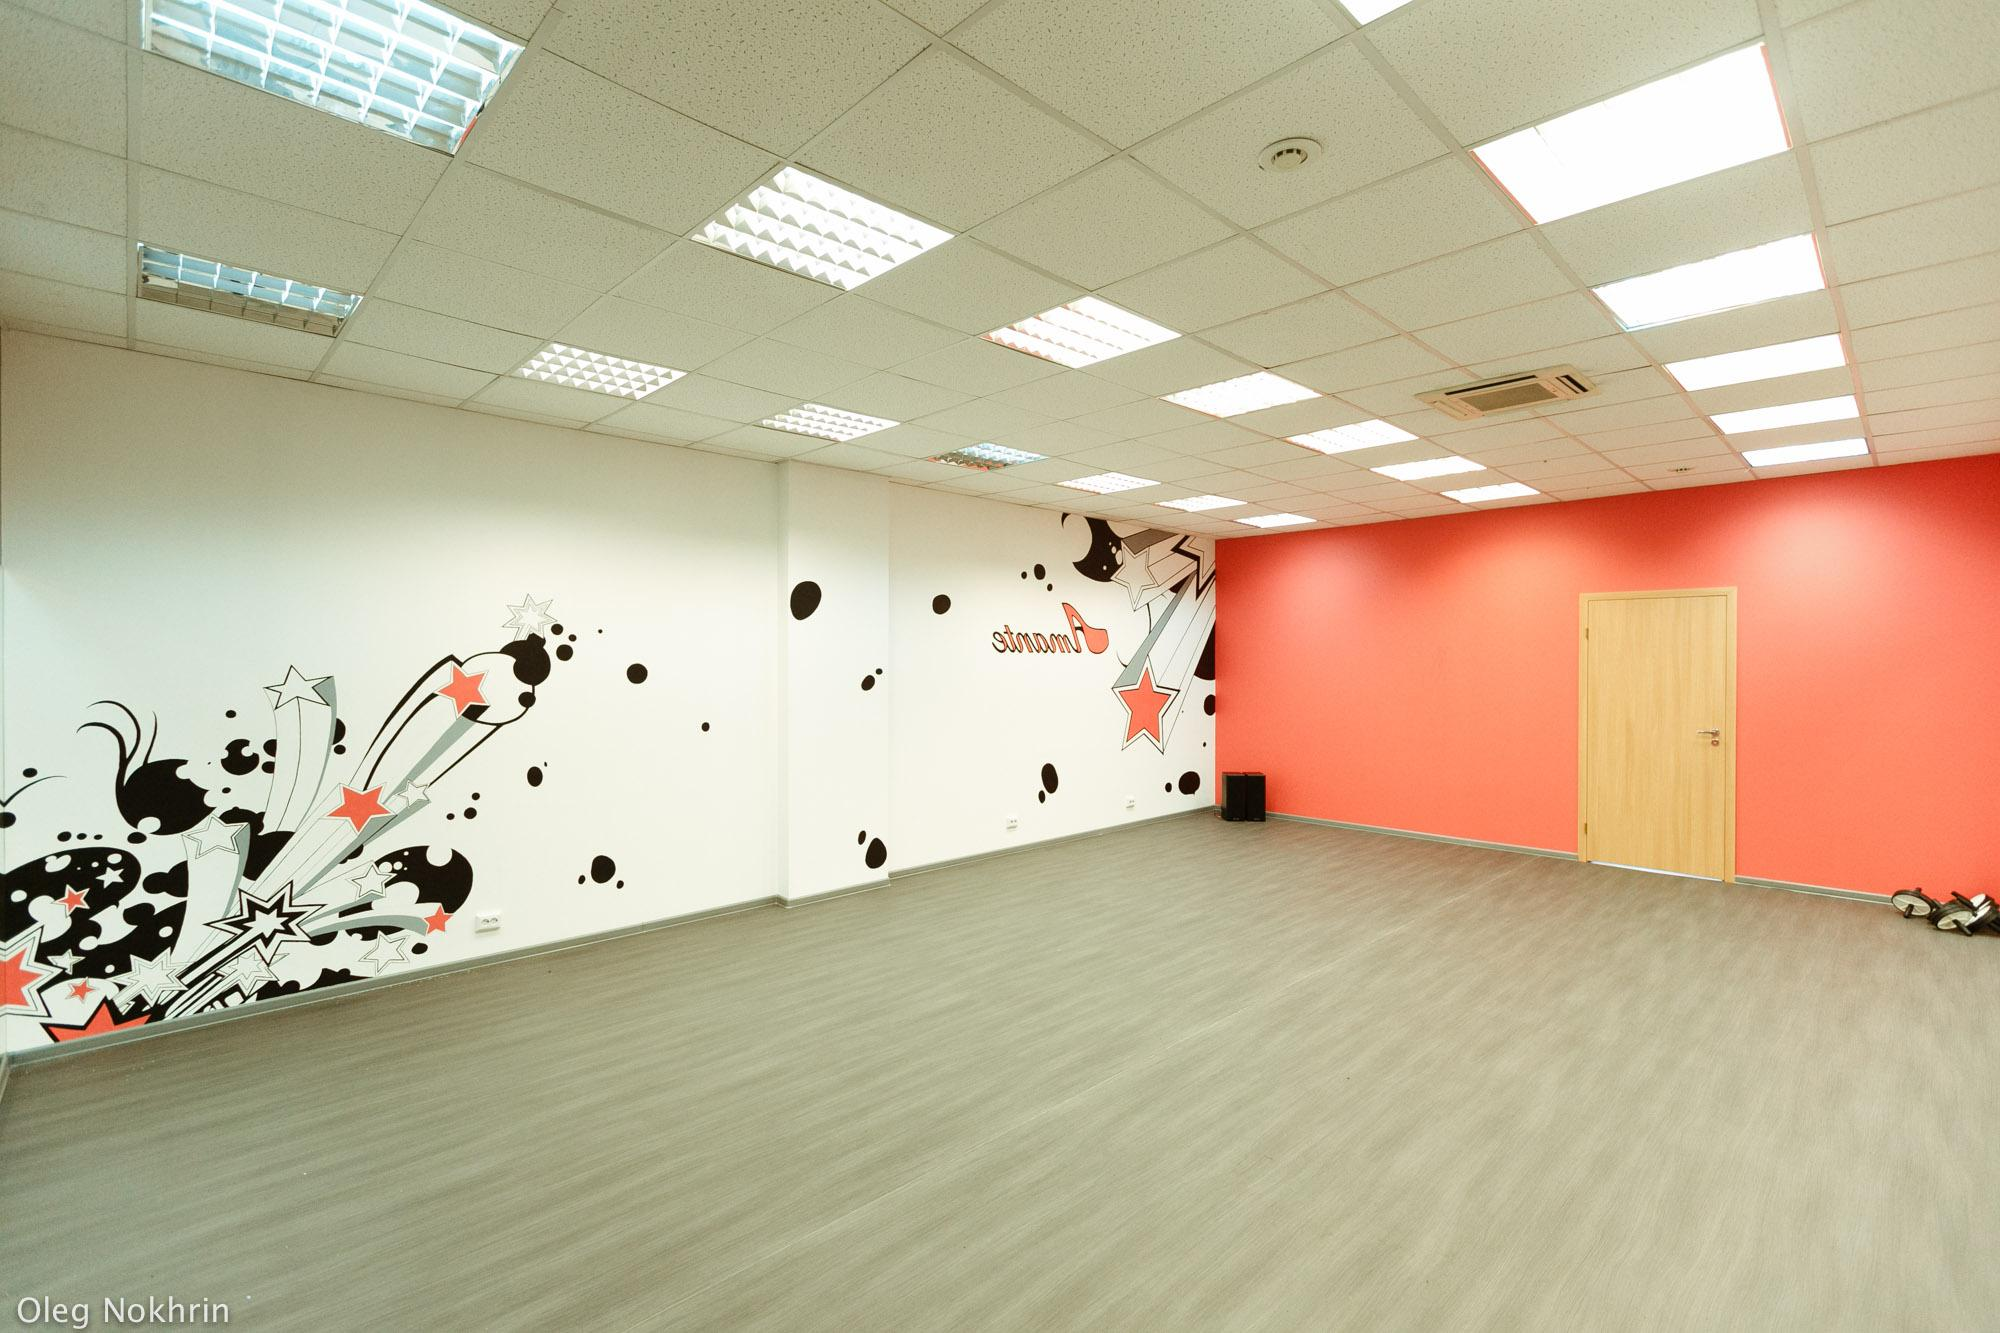 Рисунок зала с танцами